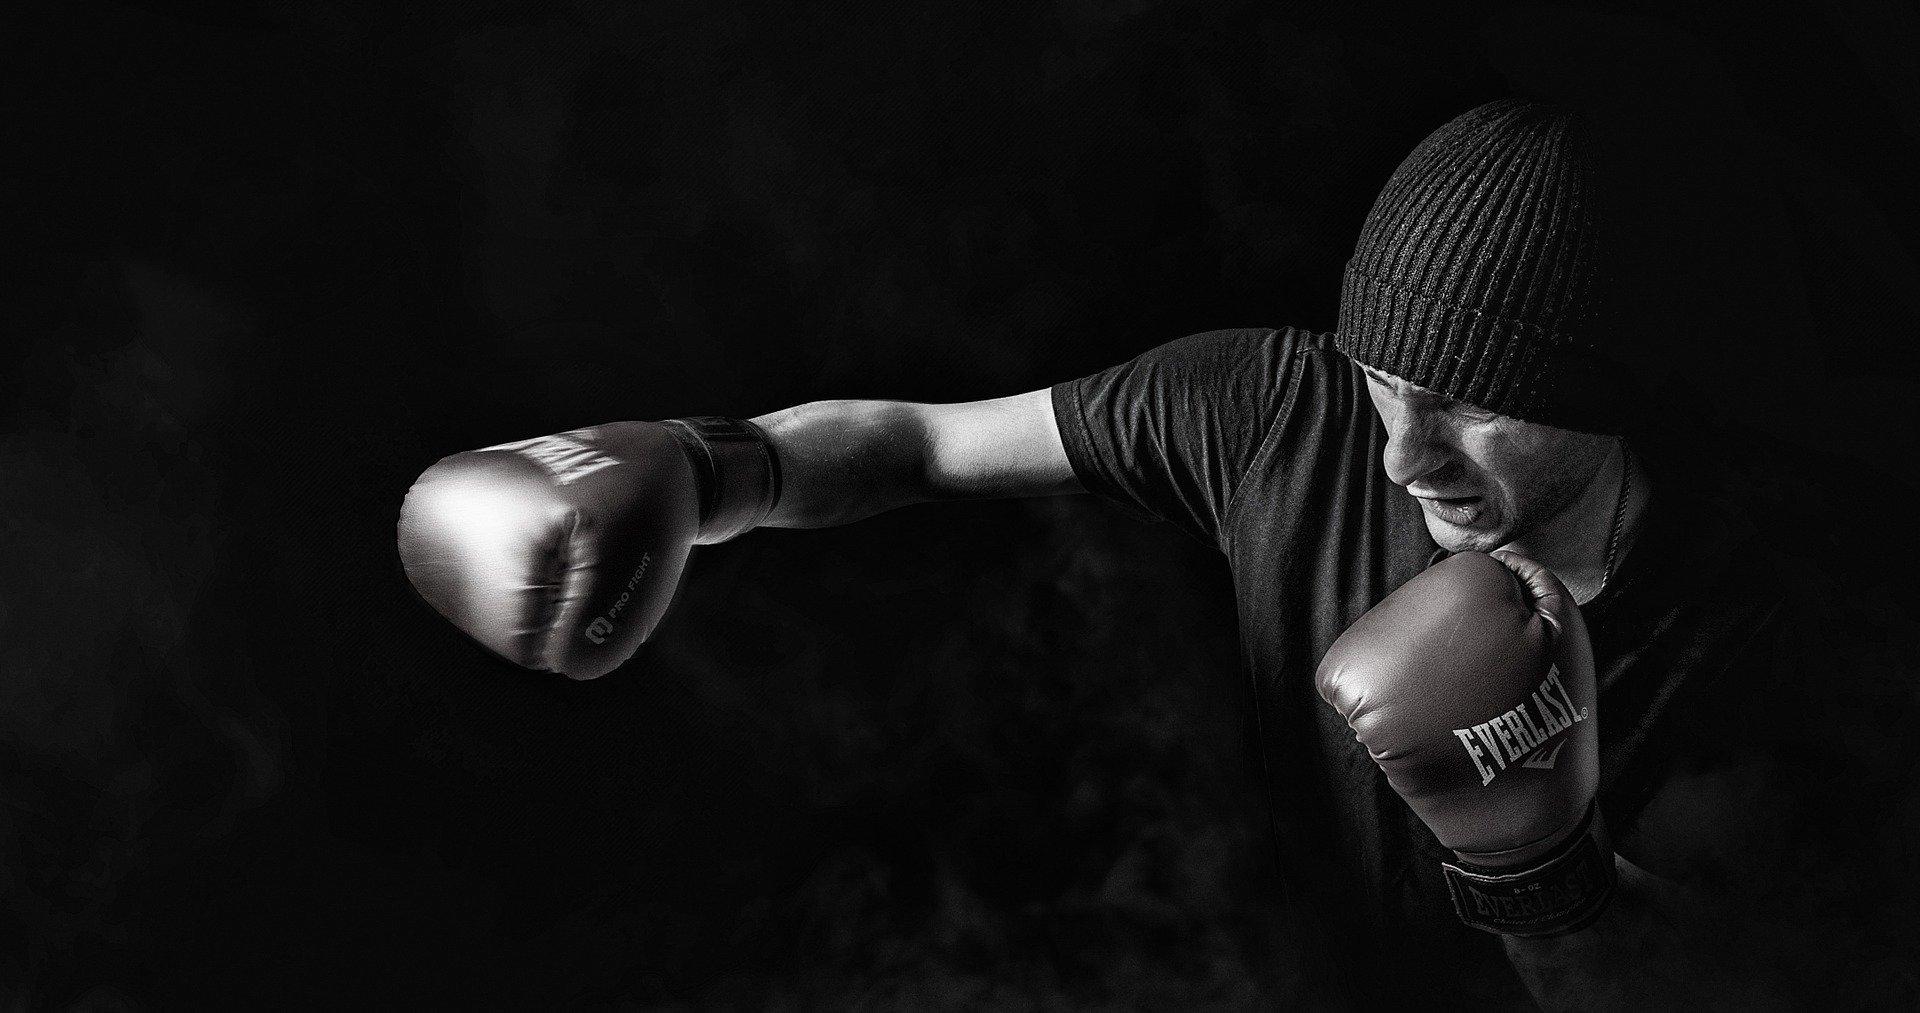 5/19 はボクシングの日! | 今日はどんな日? 記念日の意味や由来、関連情報をチェック!